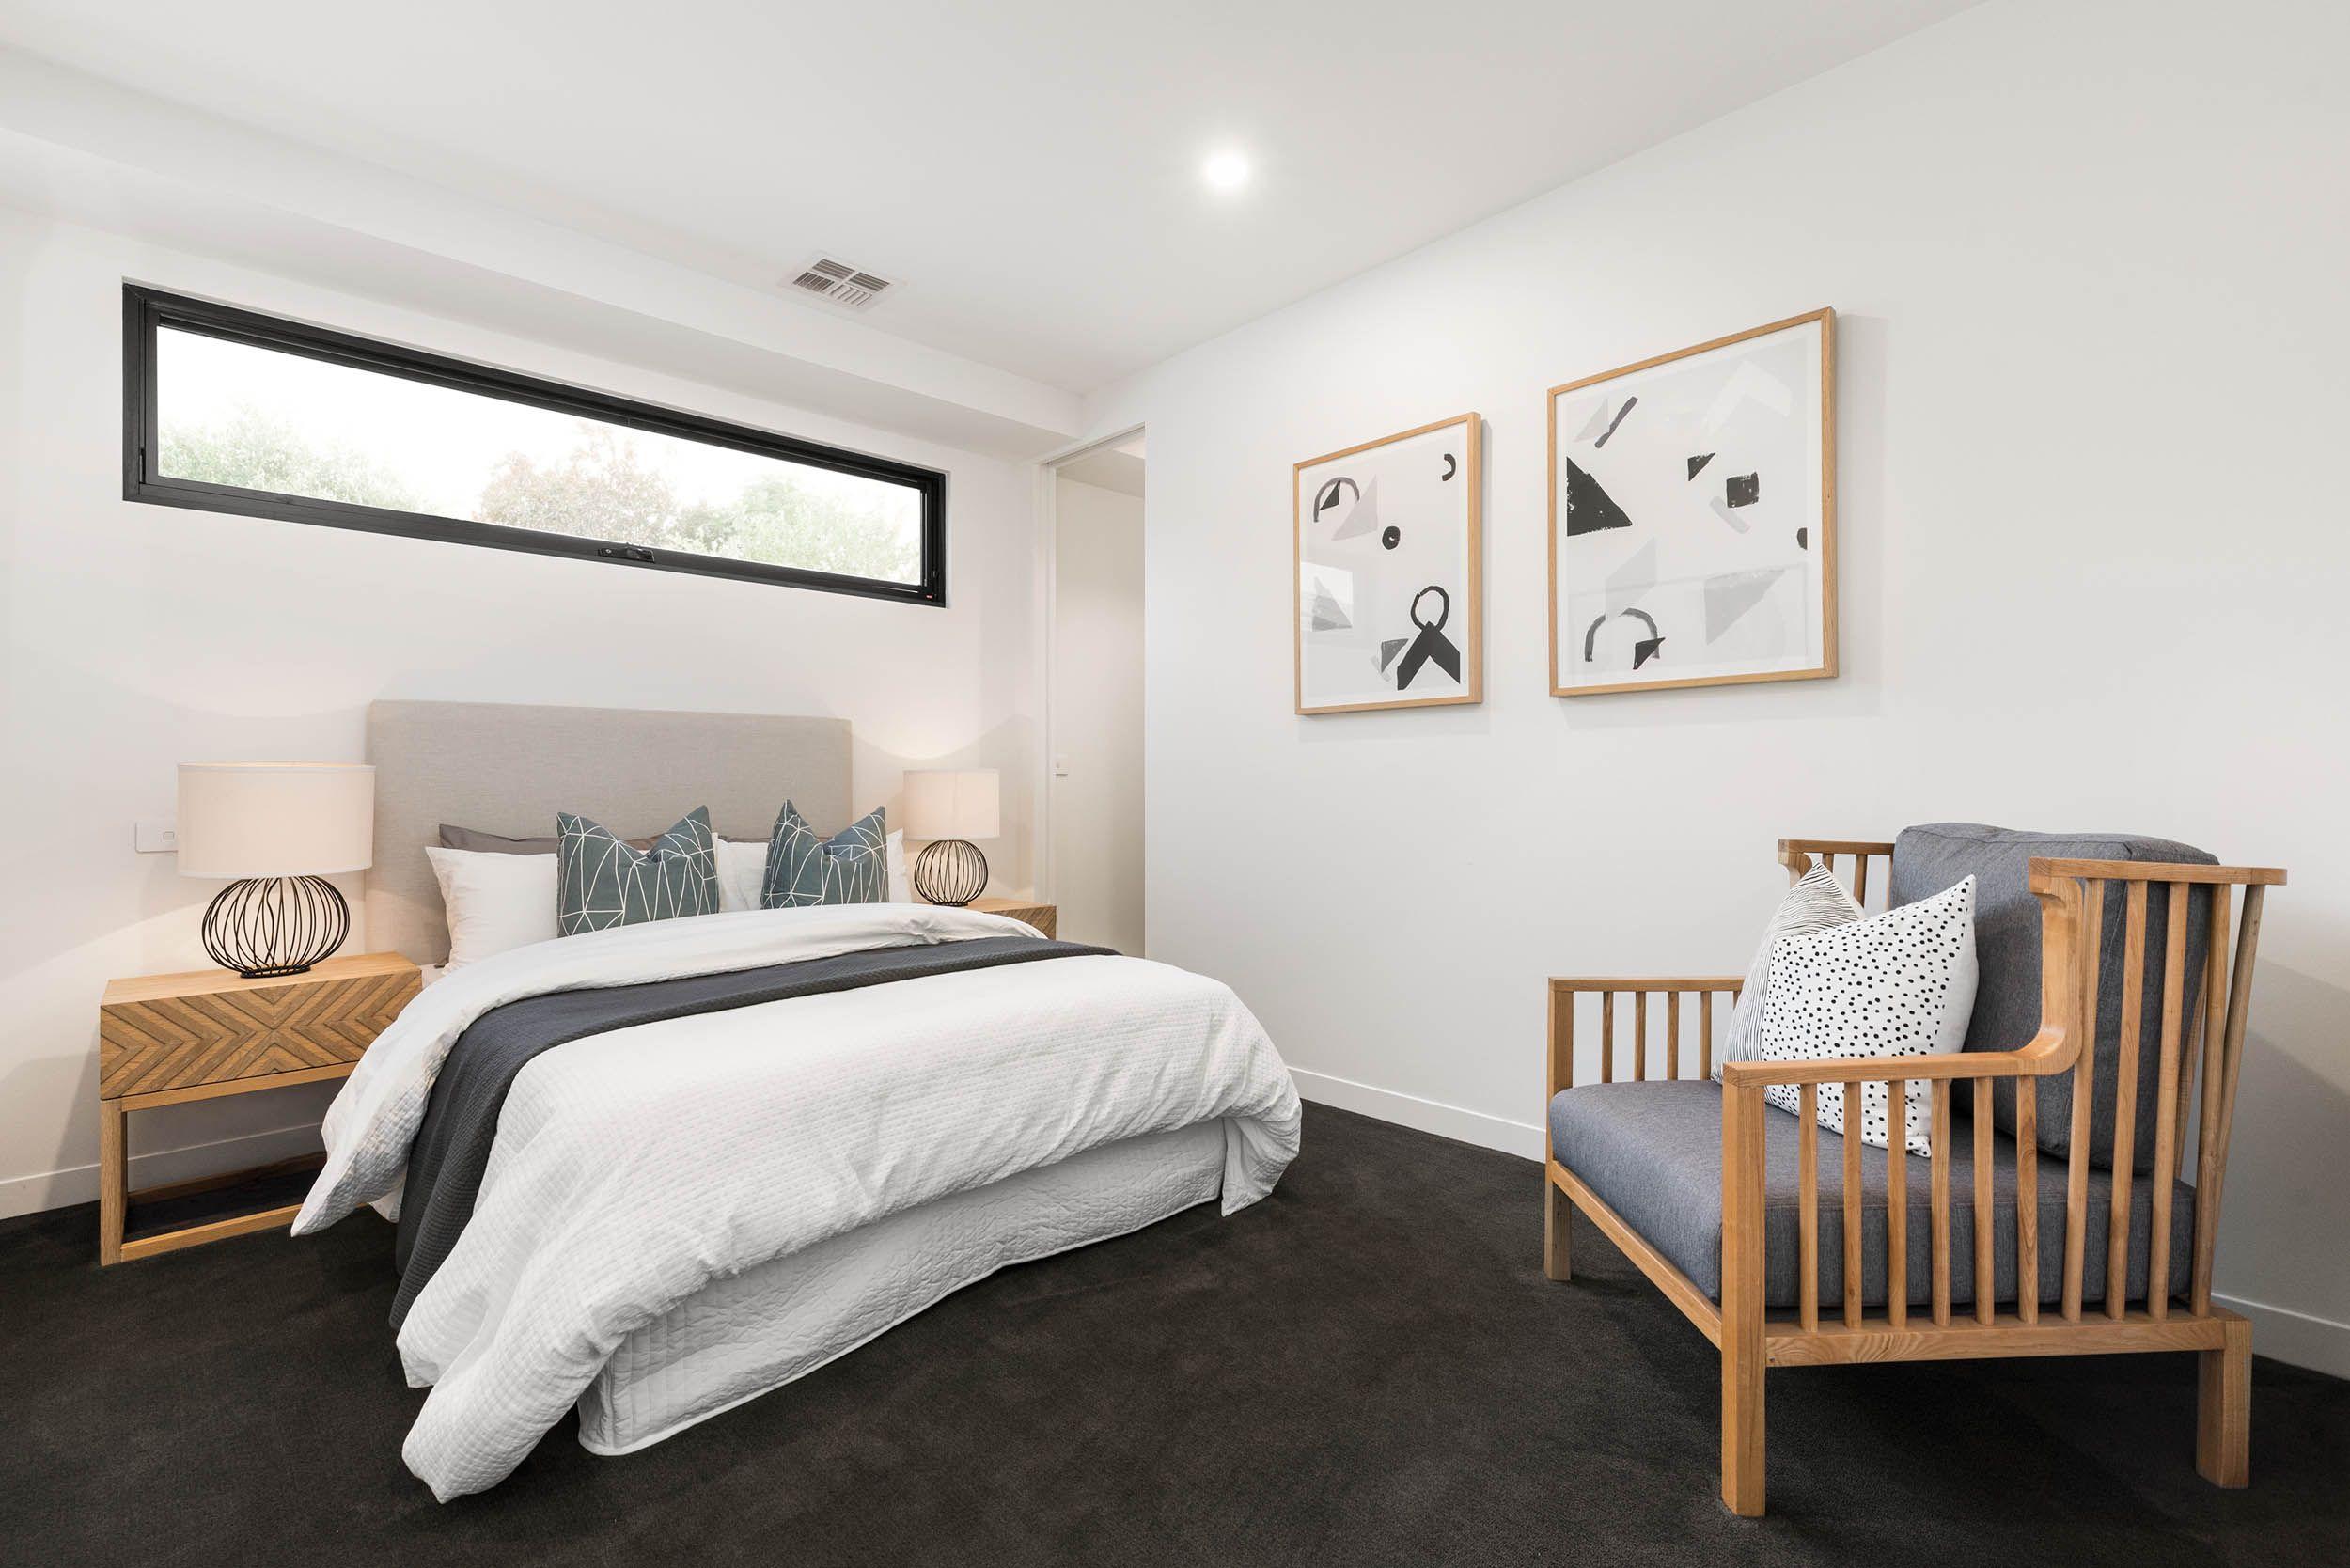 Harold 27 bedroom 2 in 2020 | Home, Home decor, Bedroom